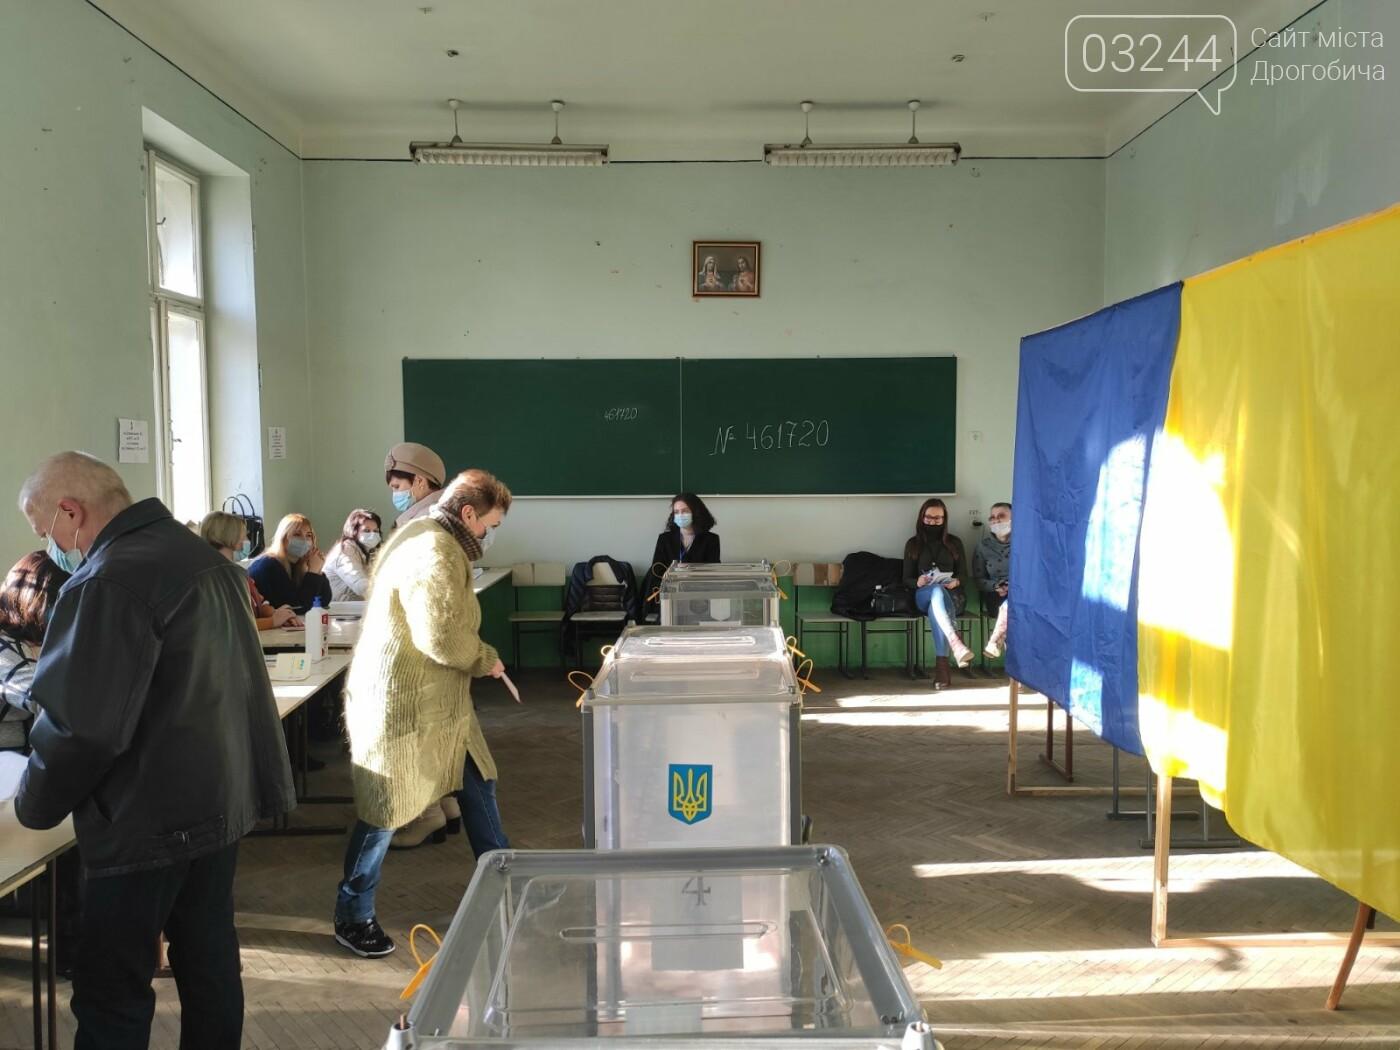 Соціологічна група «Рейтинг» вдруге у Дрогобичі проводить екзит-пол на виборах, - ФОТО, фото-14